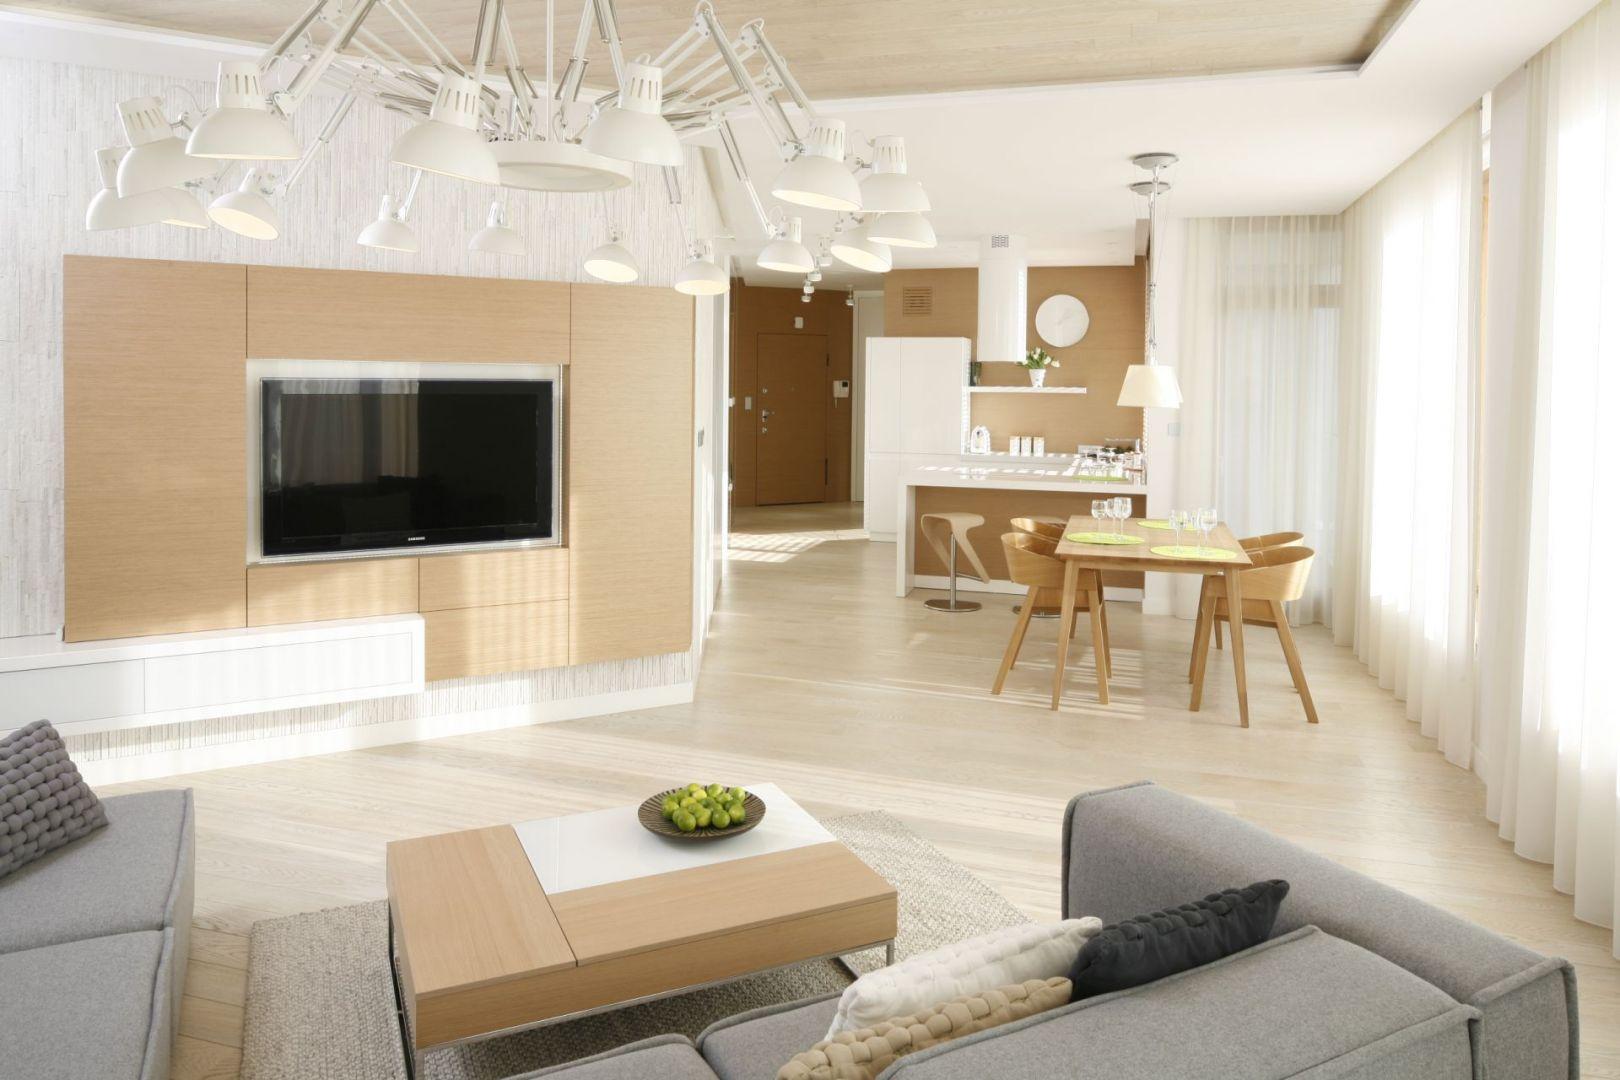 Wnętrze urządzonym w stylu minimalistycznym. Mimo że jest bardzo jasne, jest przytulne. A to za sprawą elementów z jasnego drewna. Projekt: Maciej Brzostek. Fot. Bartosz Jarosz